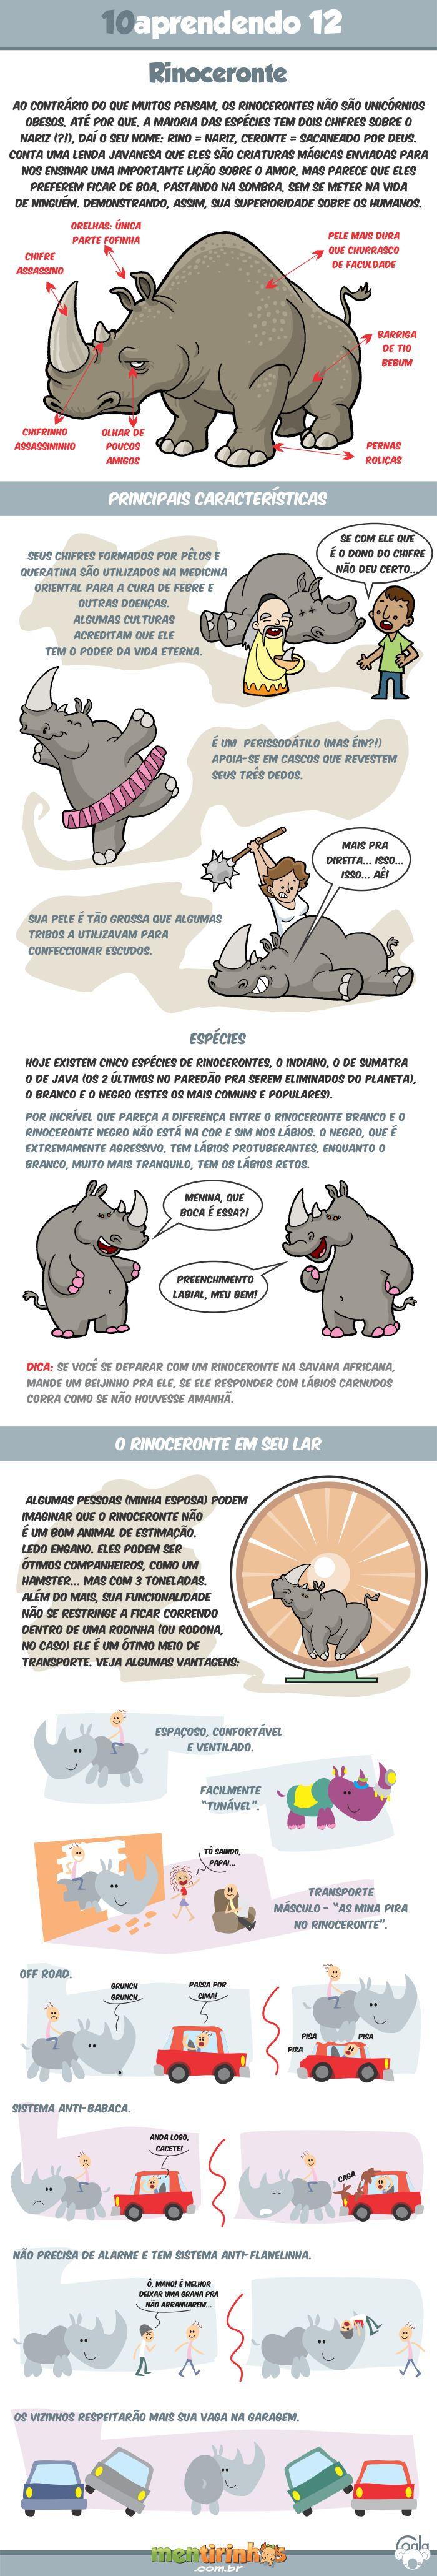 10aprendendo com o Coala #12 - Rinoceronte